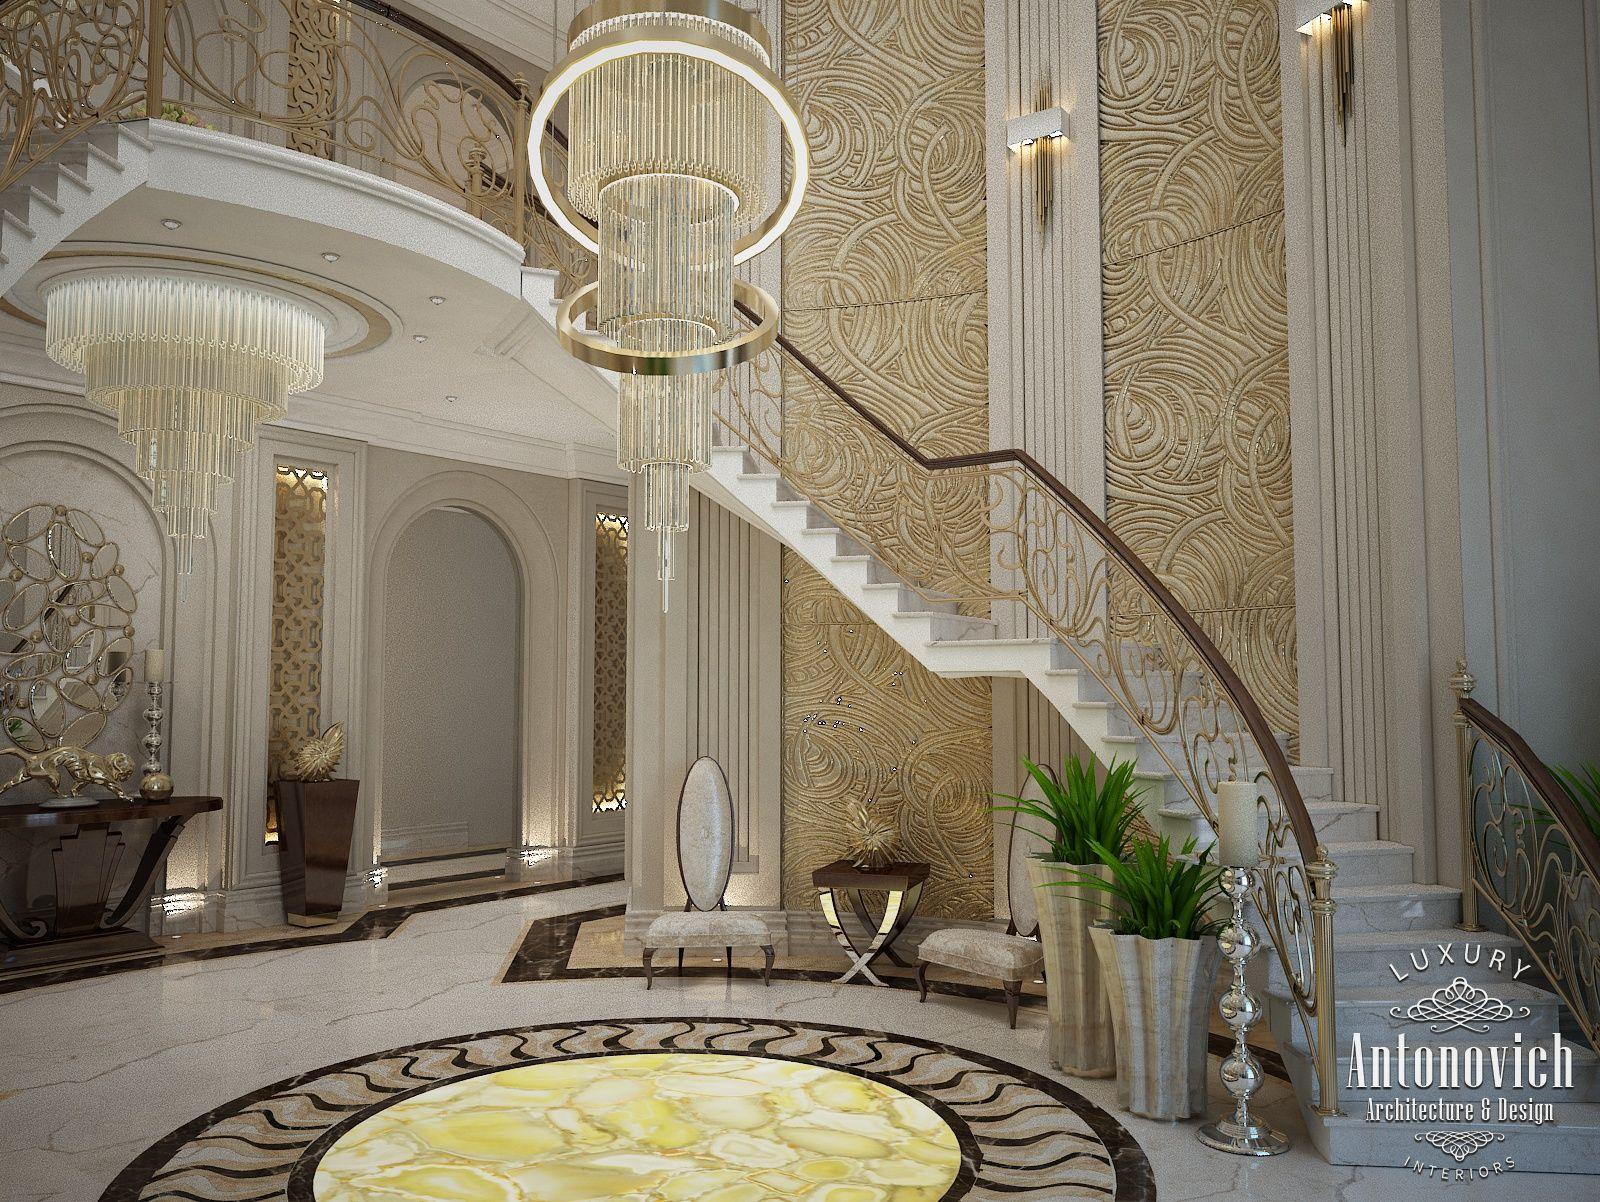 Luxury antonovich design uae interior design dubai from for Design hotel dubai